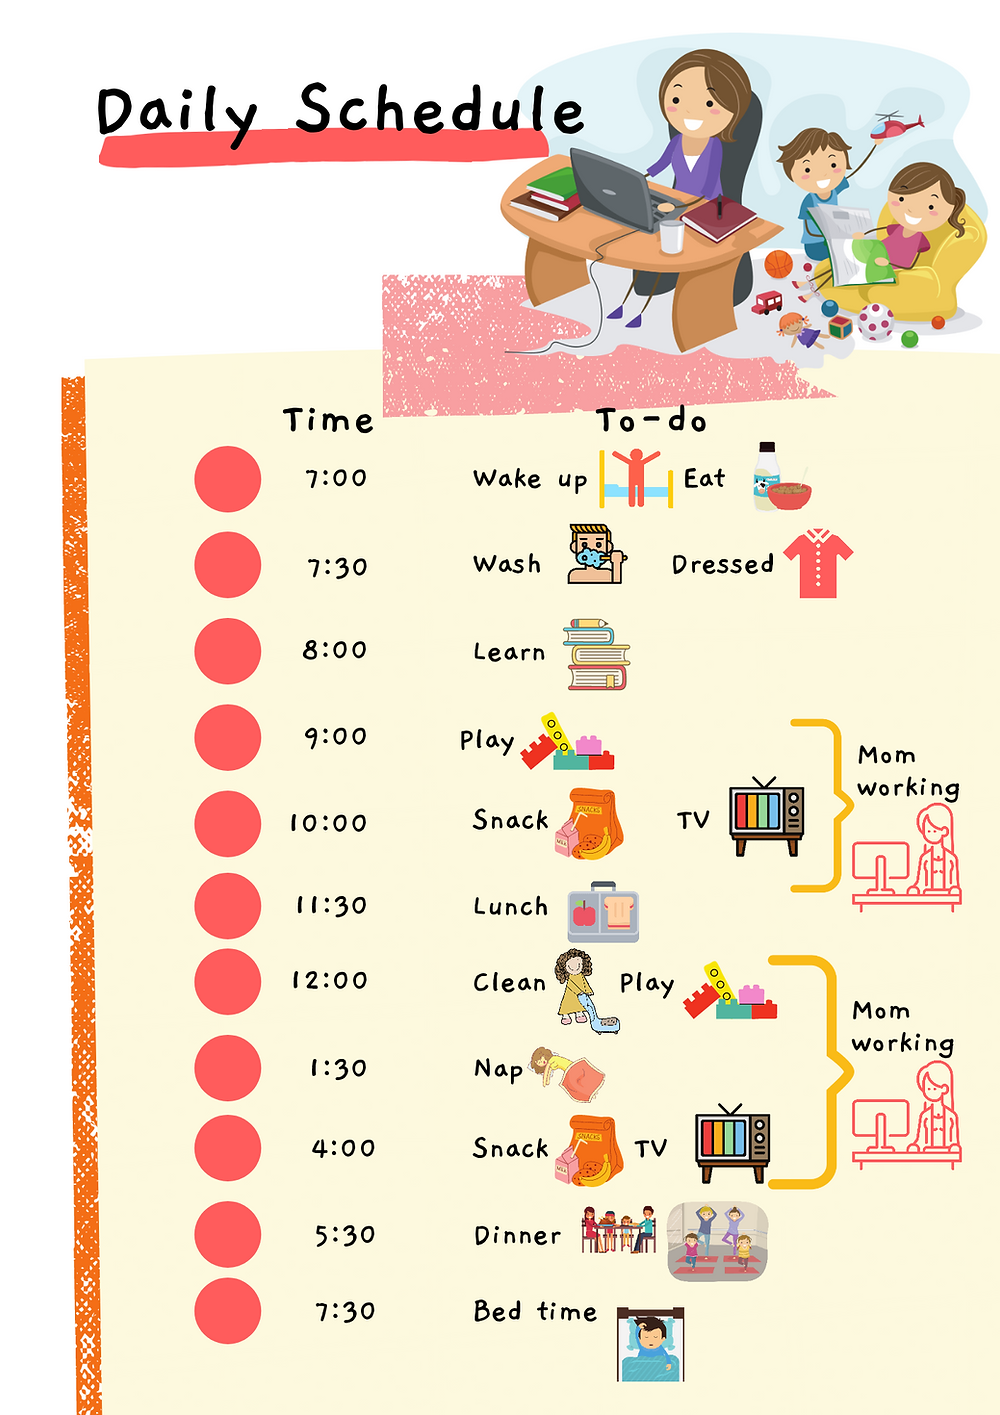 Daily Schedule, Kids version